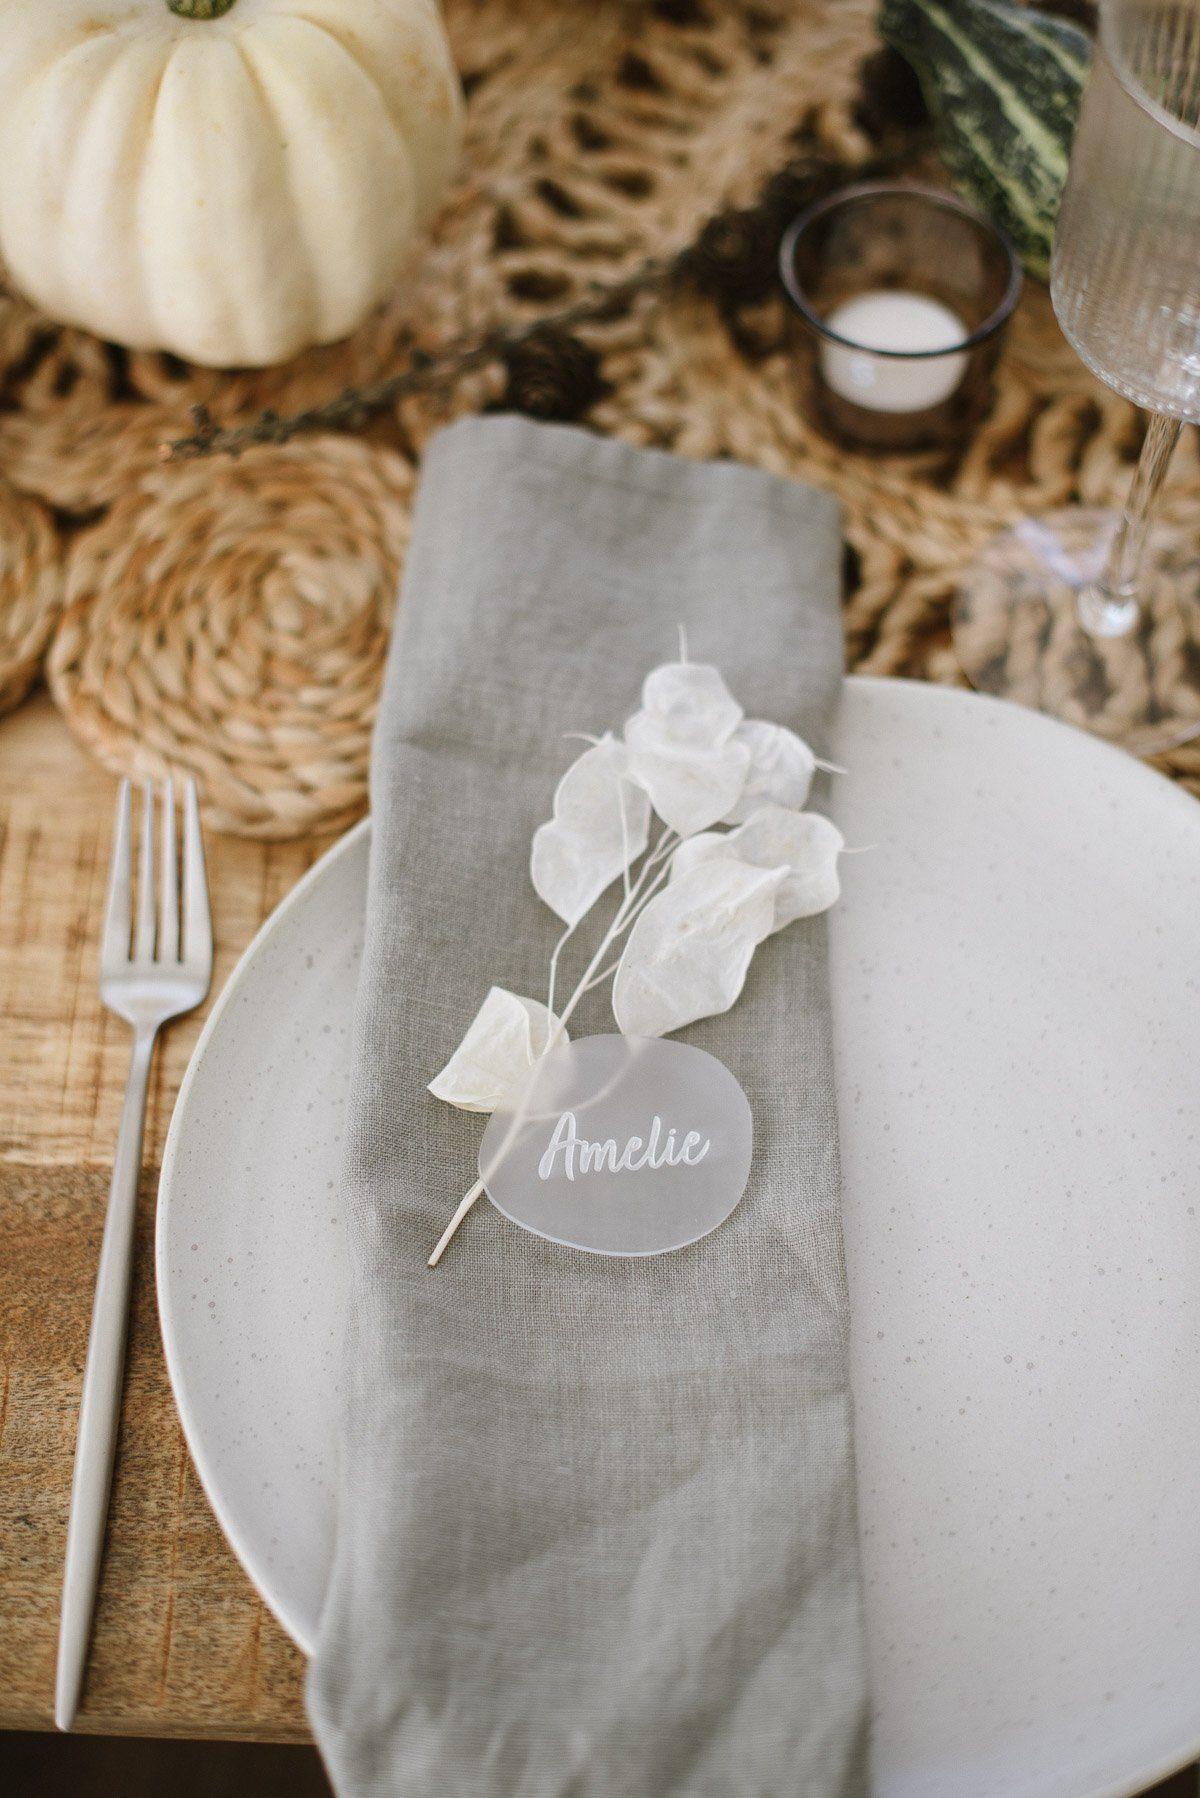 Leinenserviette mit Trockenblumen und Acryl Namenssschild